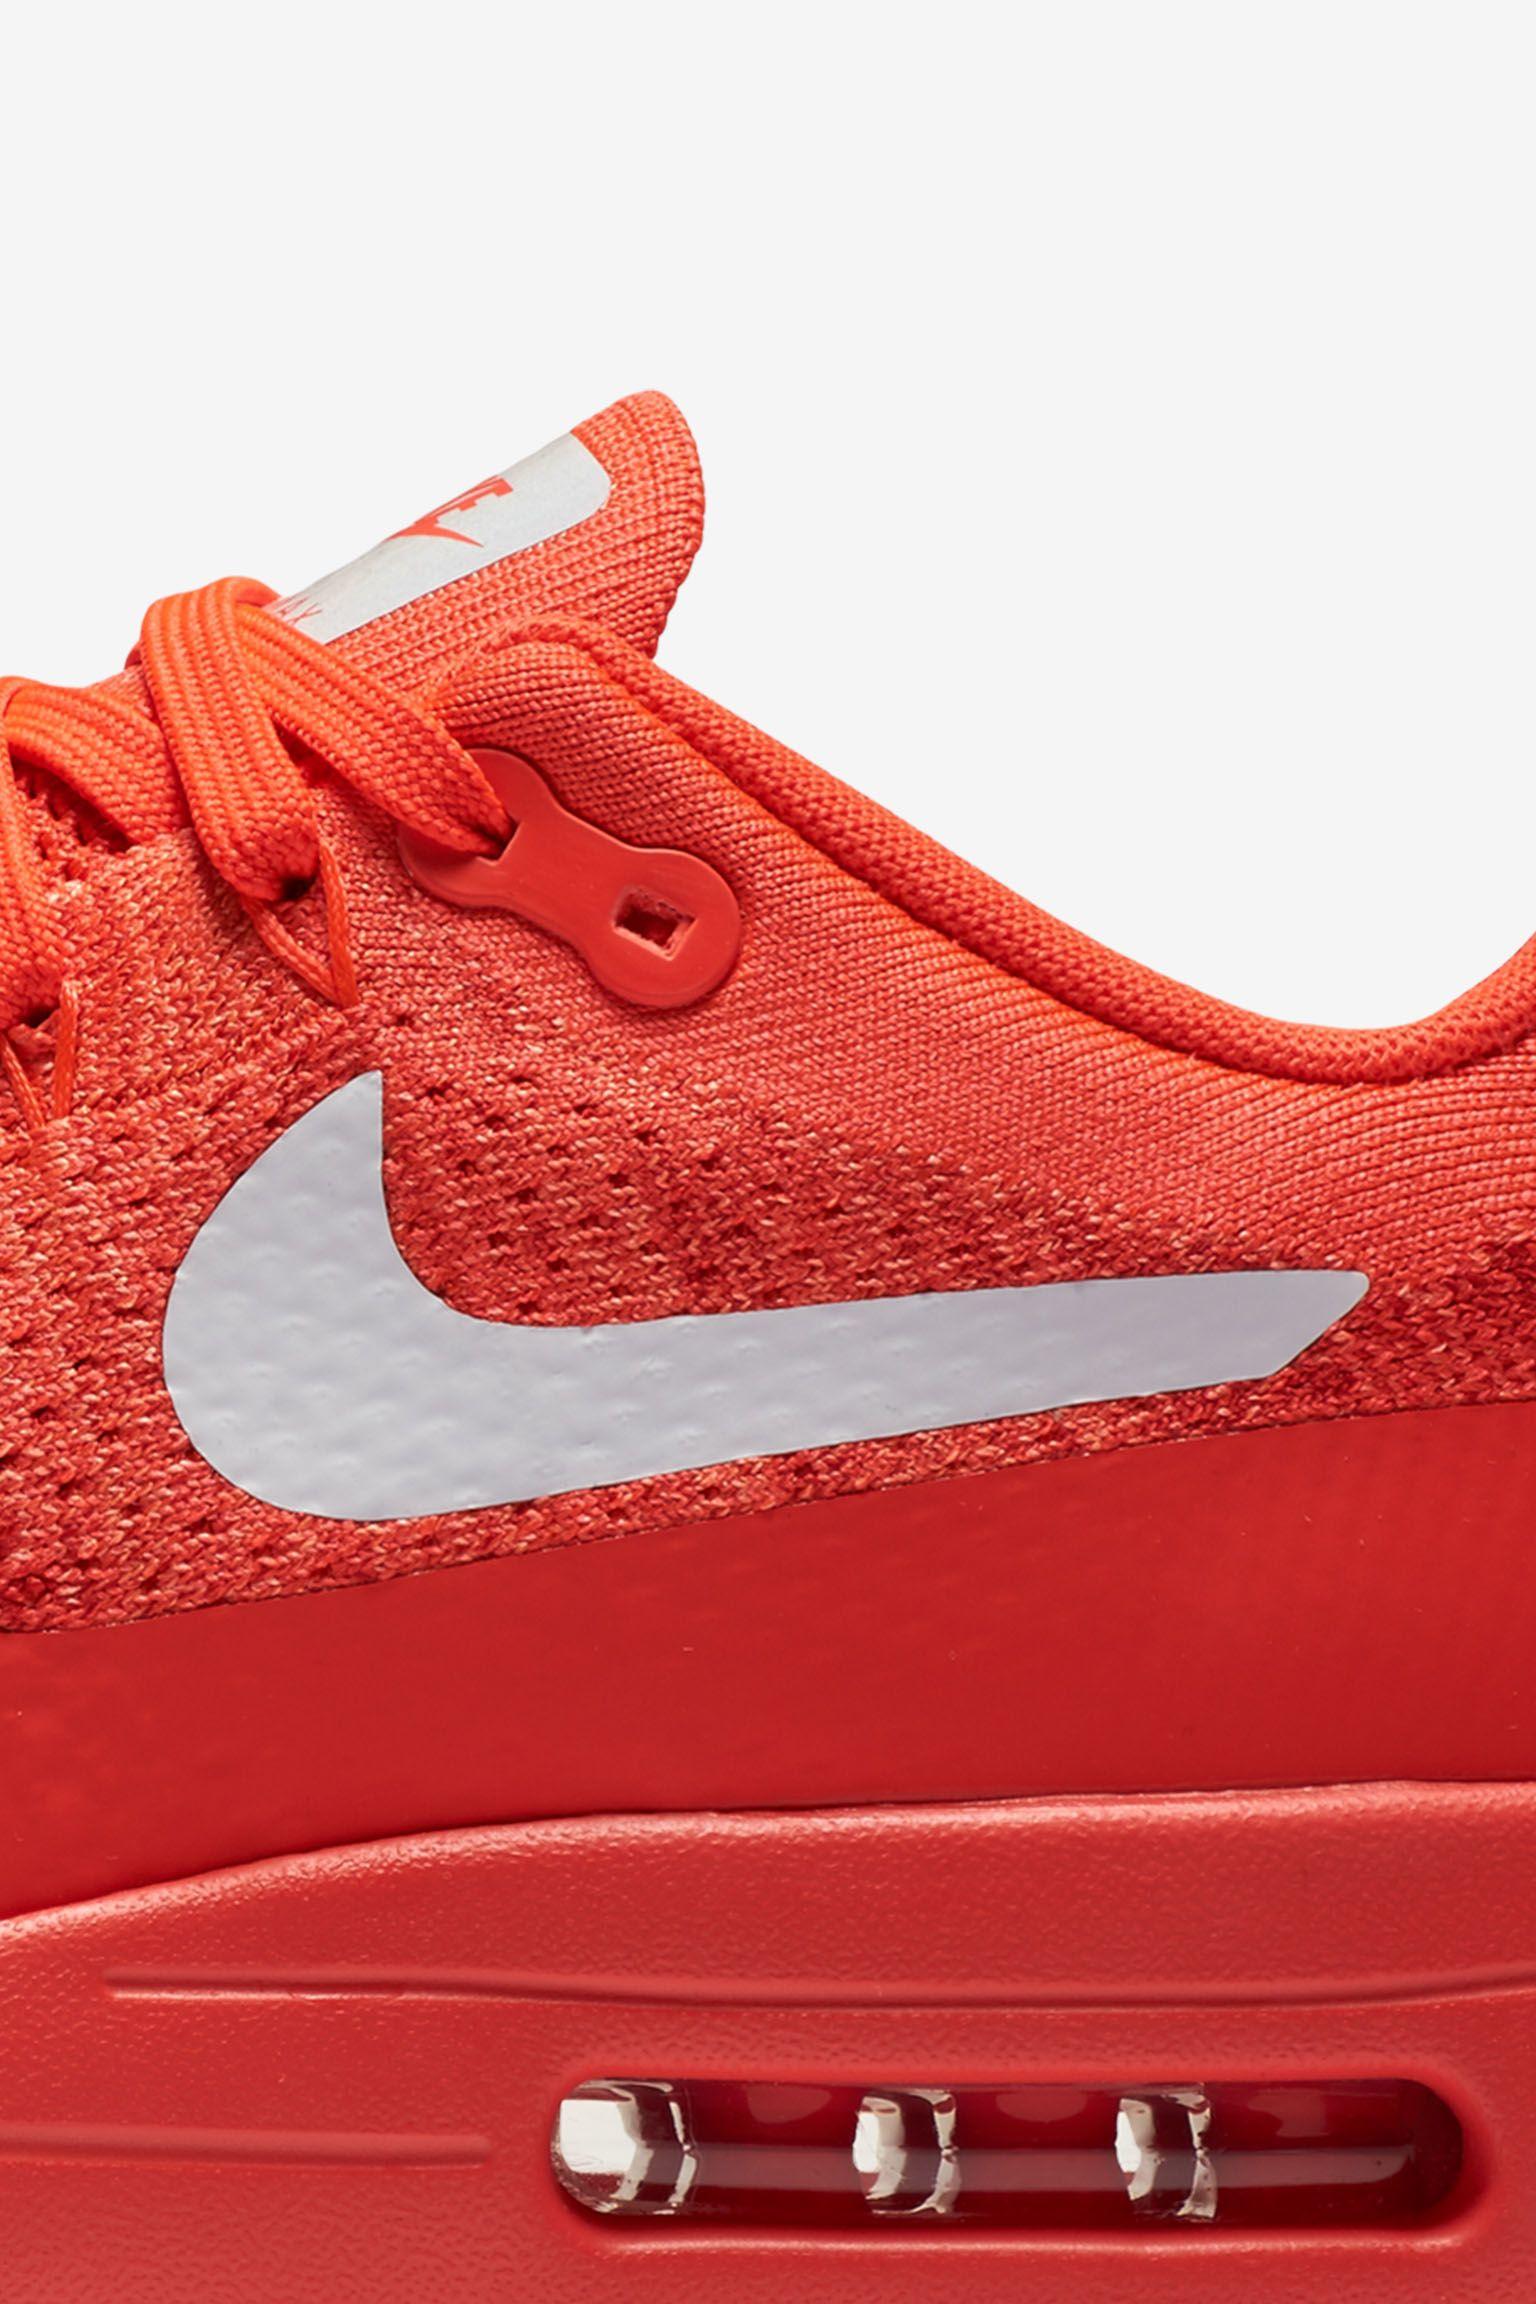 National Air: Nike Air Max 1 Ultra Flyknit 'Bright Crimson'